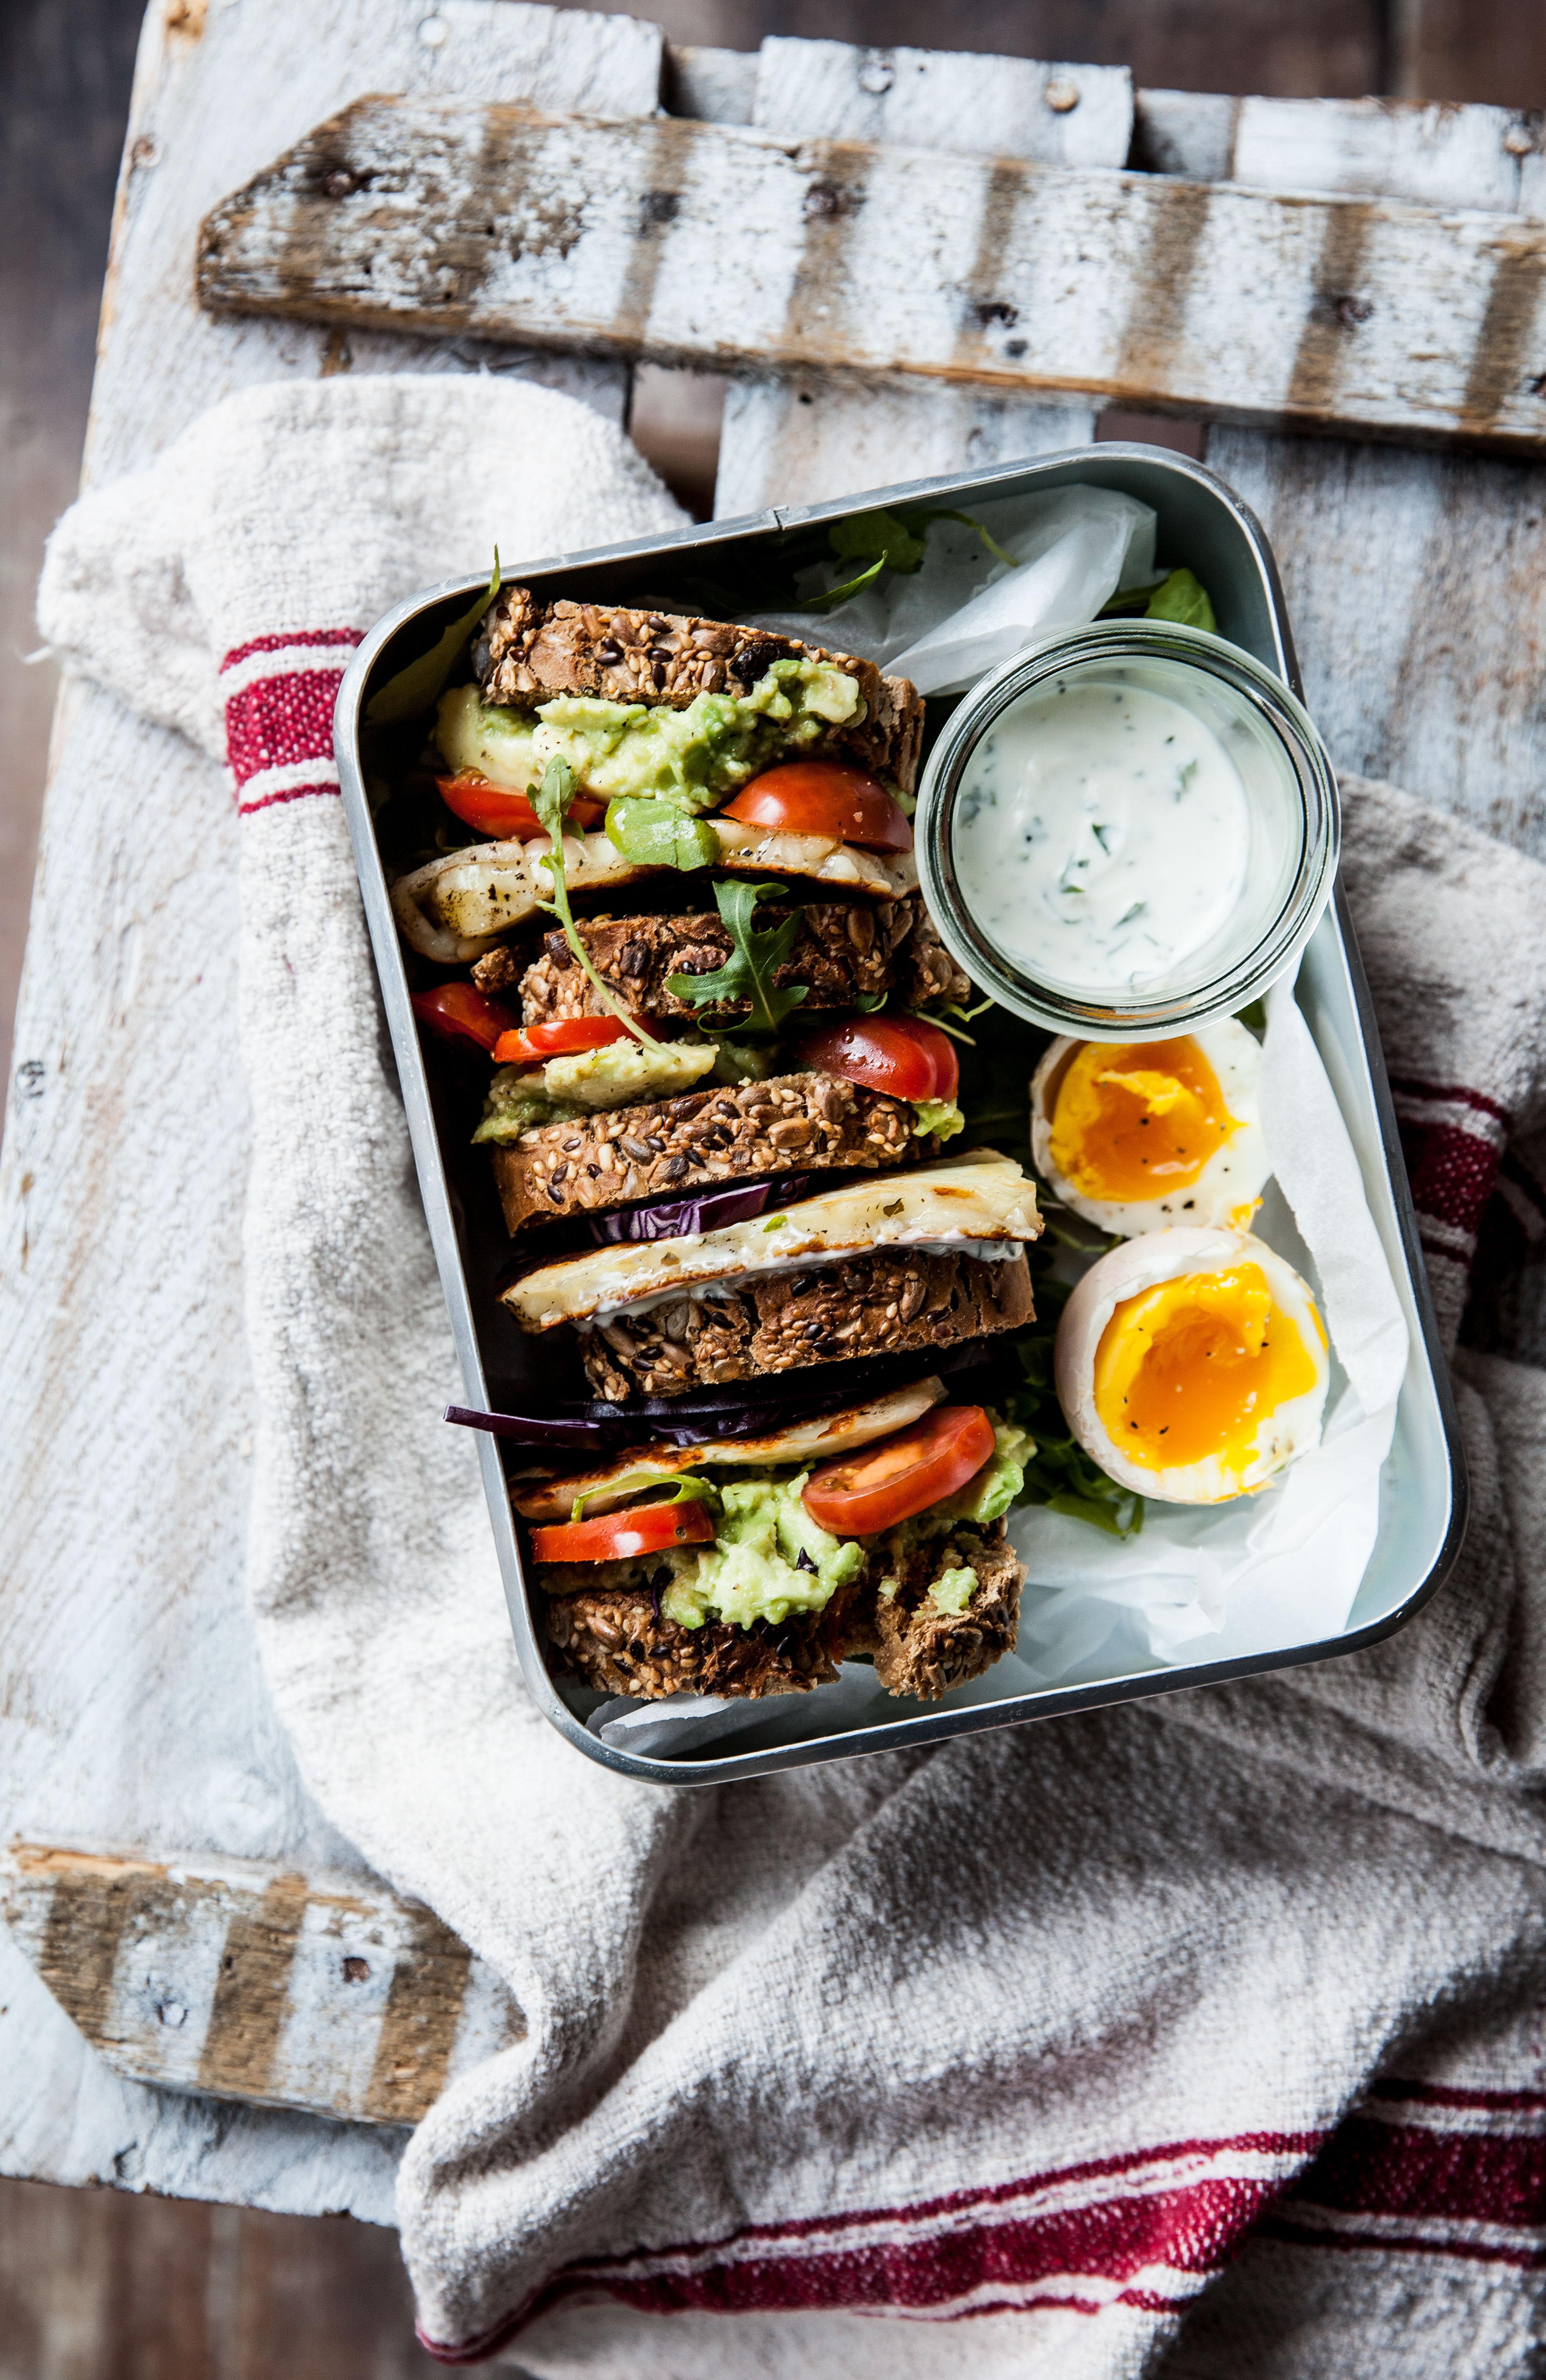 Sandwich-Fitnessbrot_ReschuFrisch_Foodtastic_MG_0225